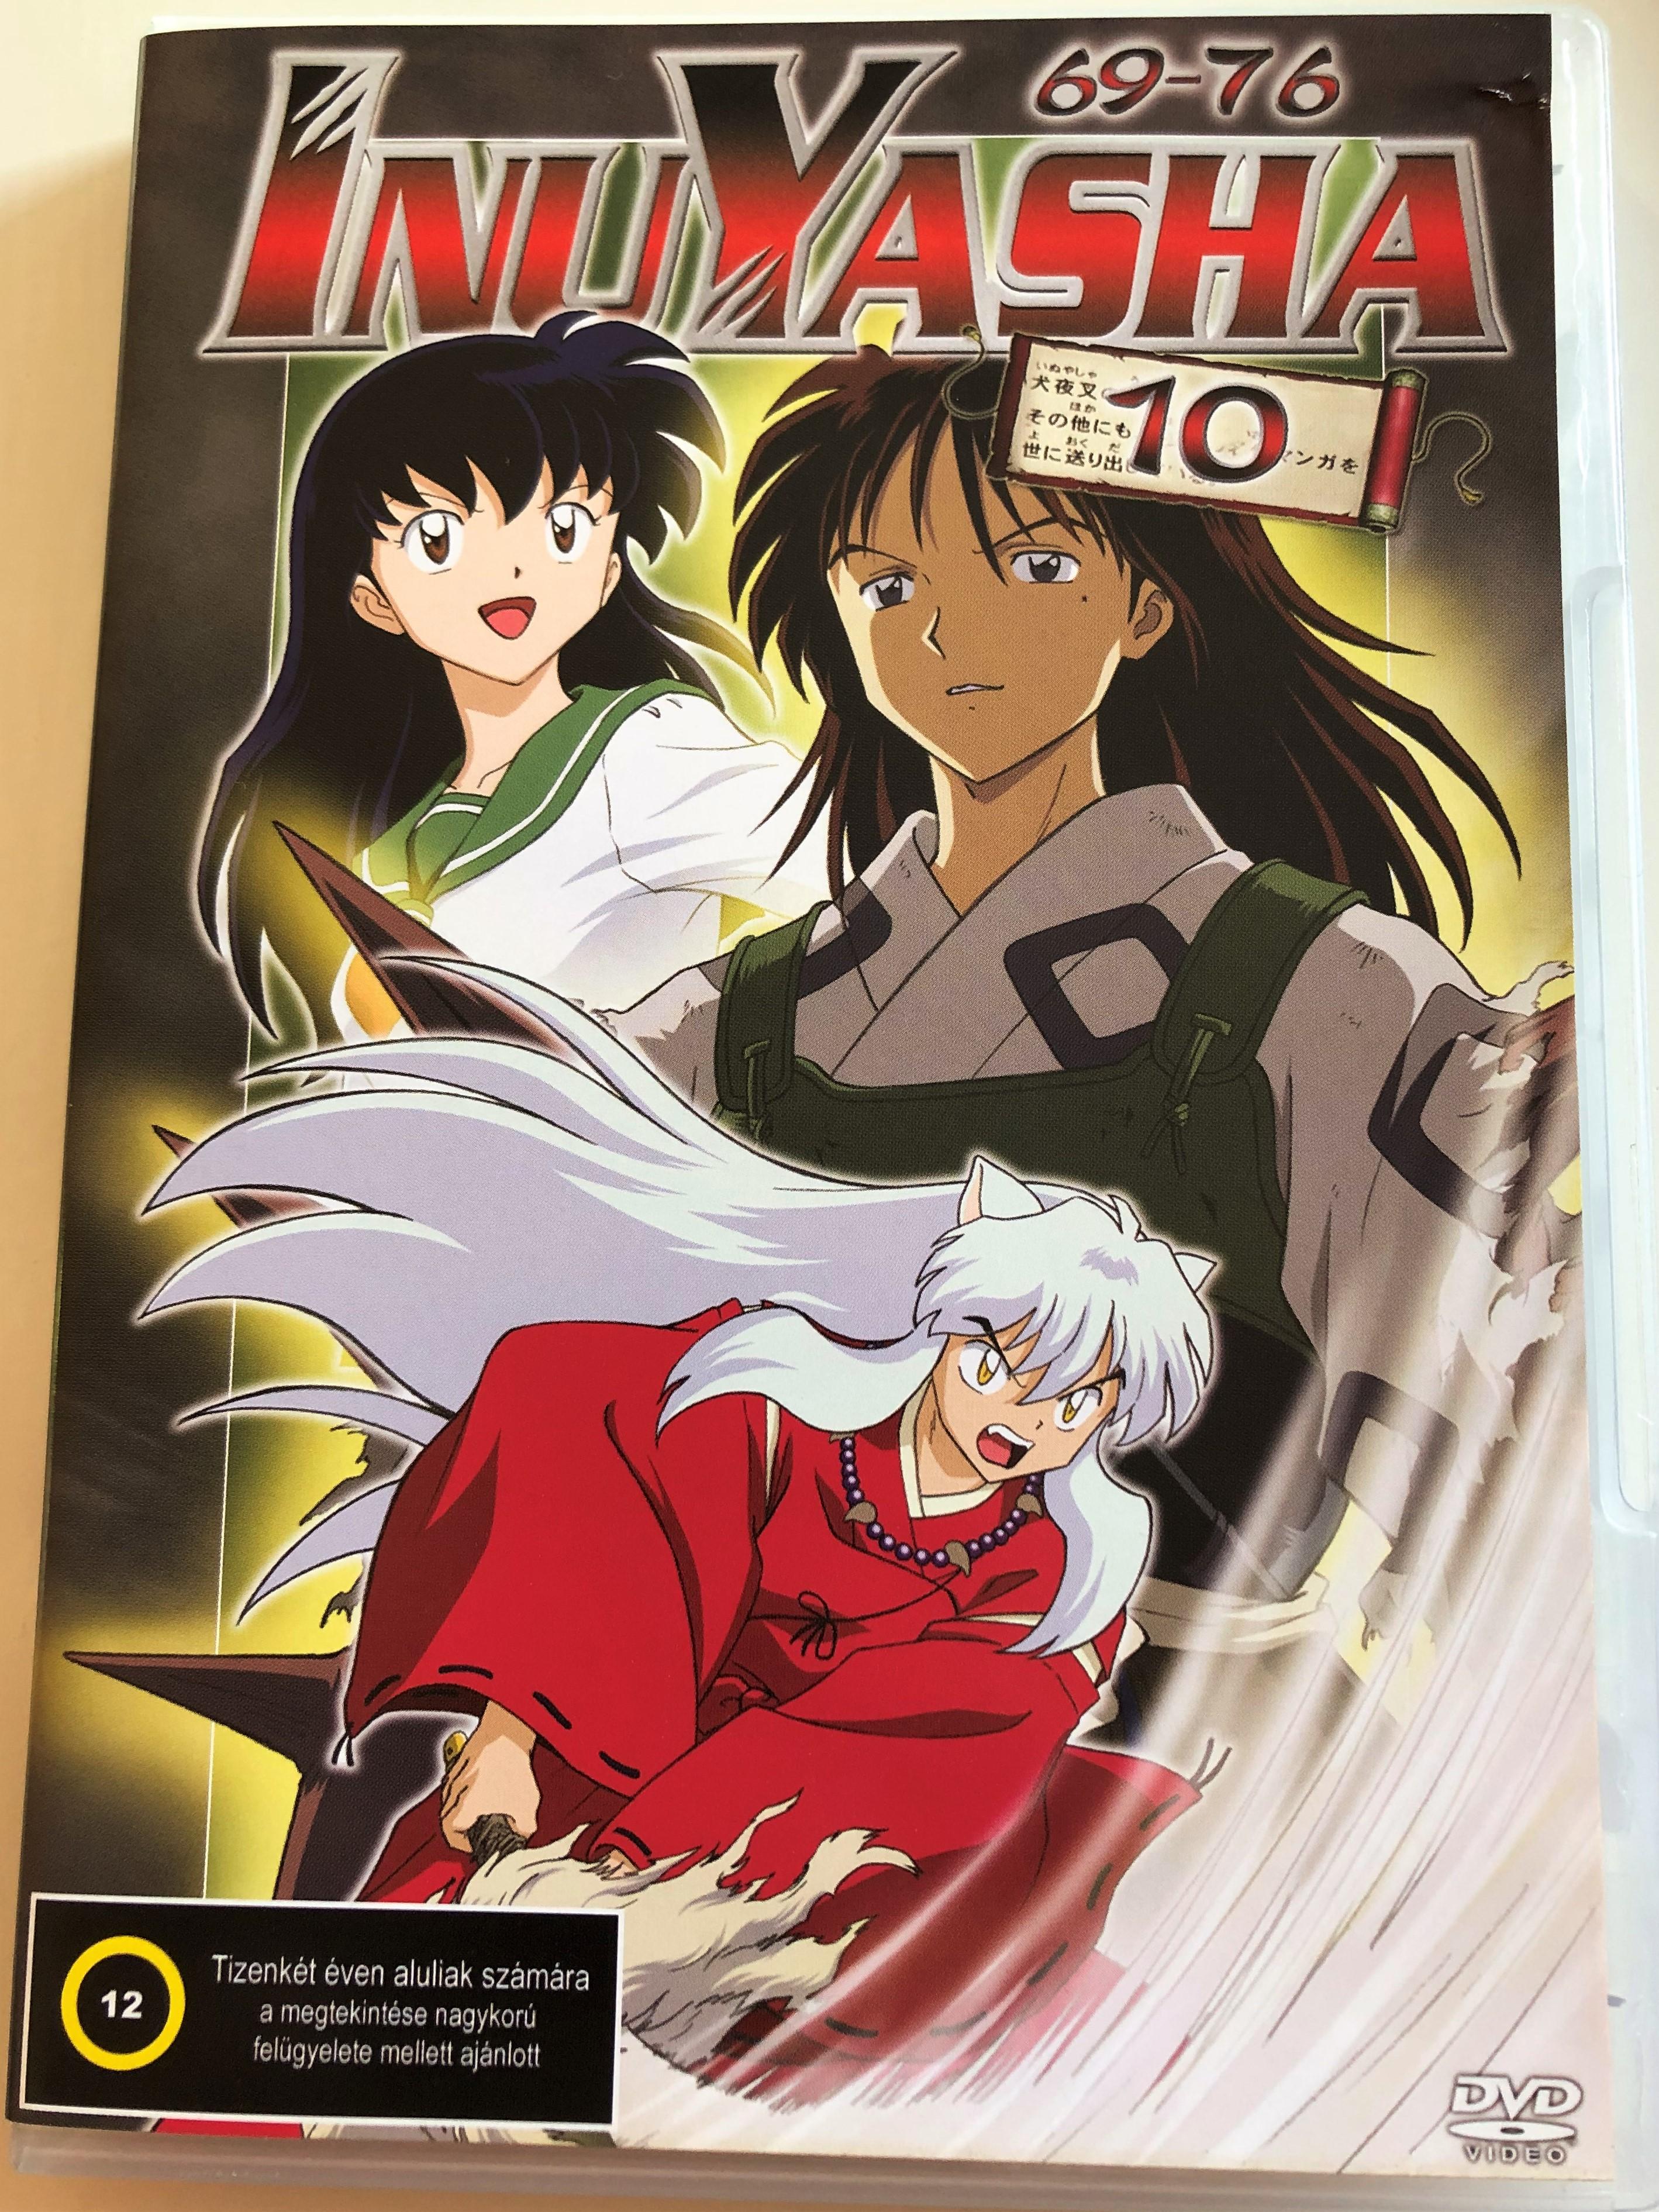 inuyasha-69-76-epiz-dok-dvd-2000-inuyasha-episodes-69-76-10th-dvd-in-series-1-.jpg